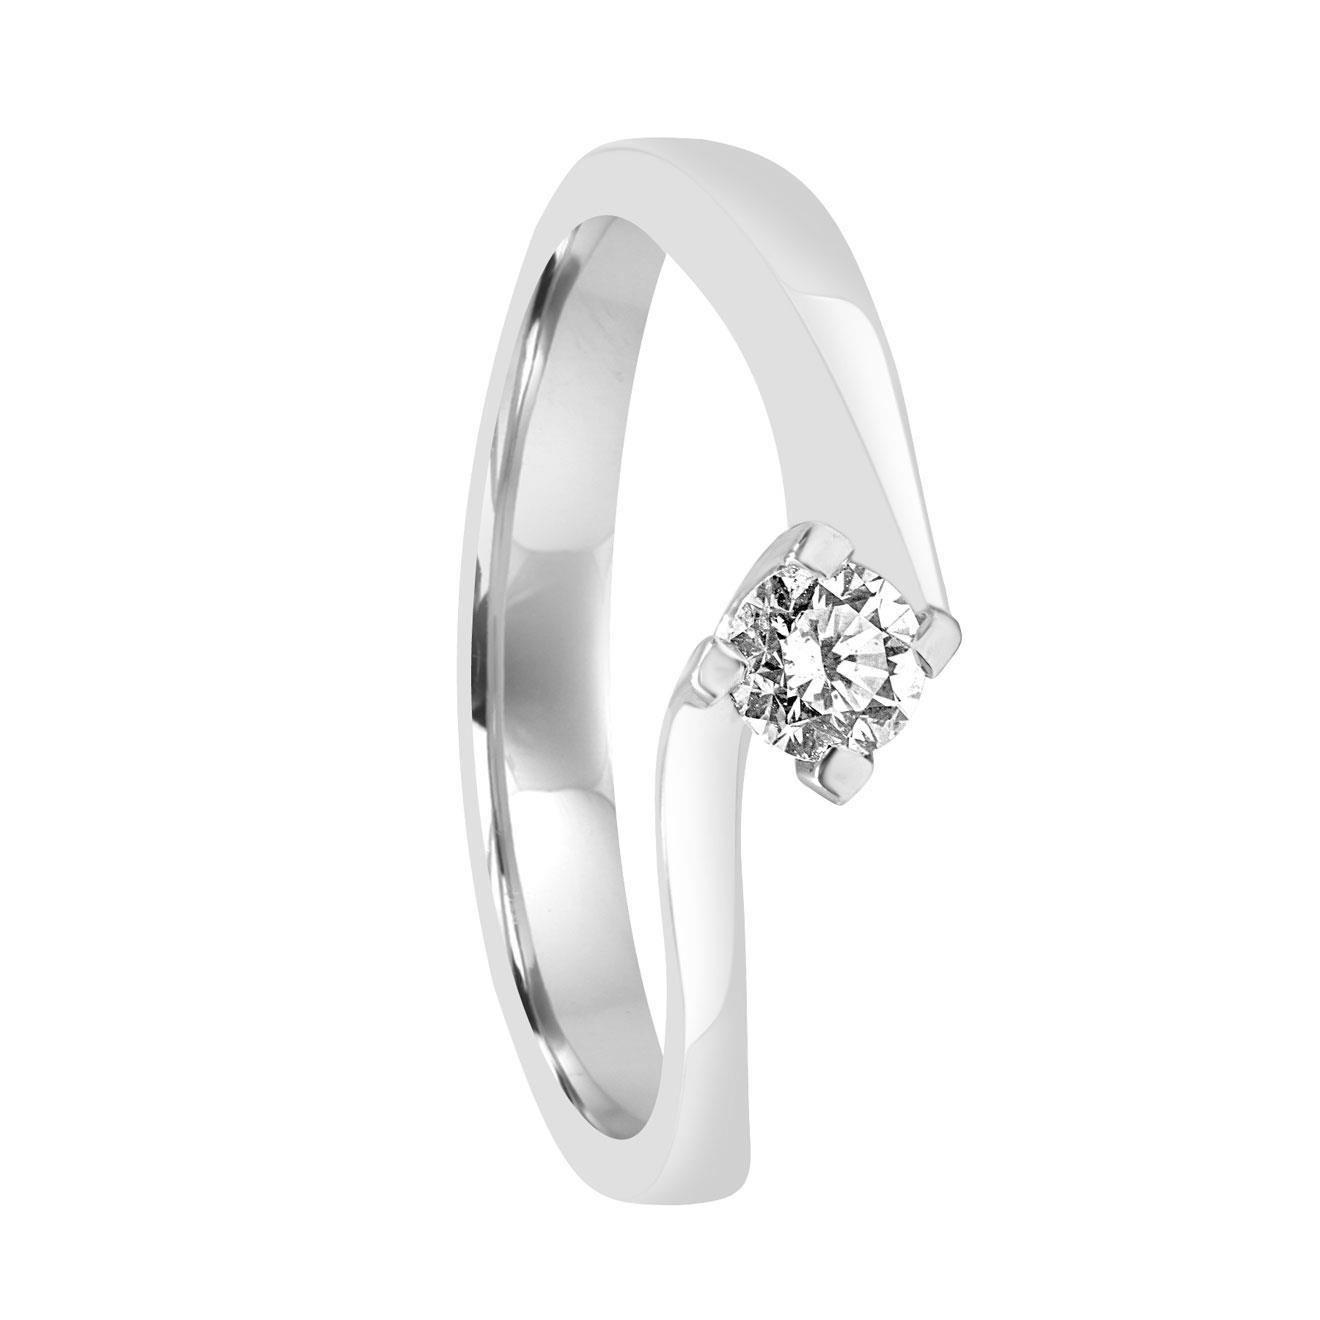 Anello solitario in oro bianco con diamante ct 0.25, misura 14 - ORO&CO